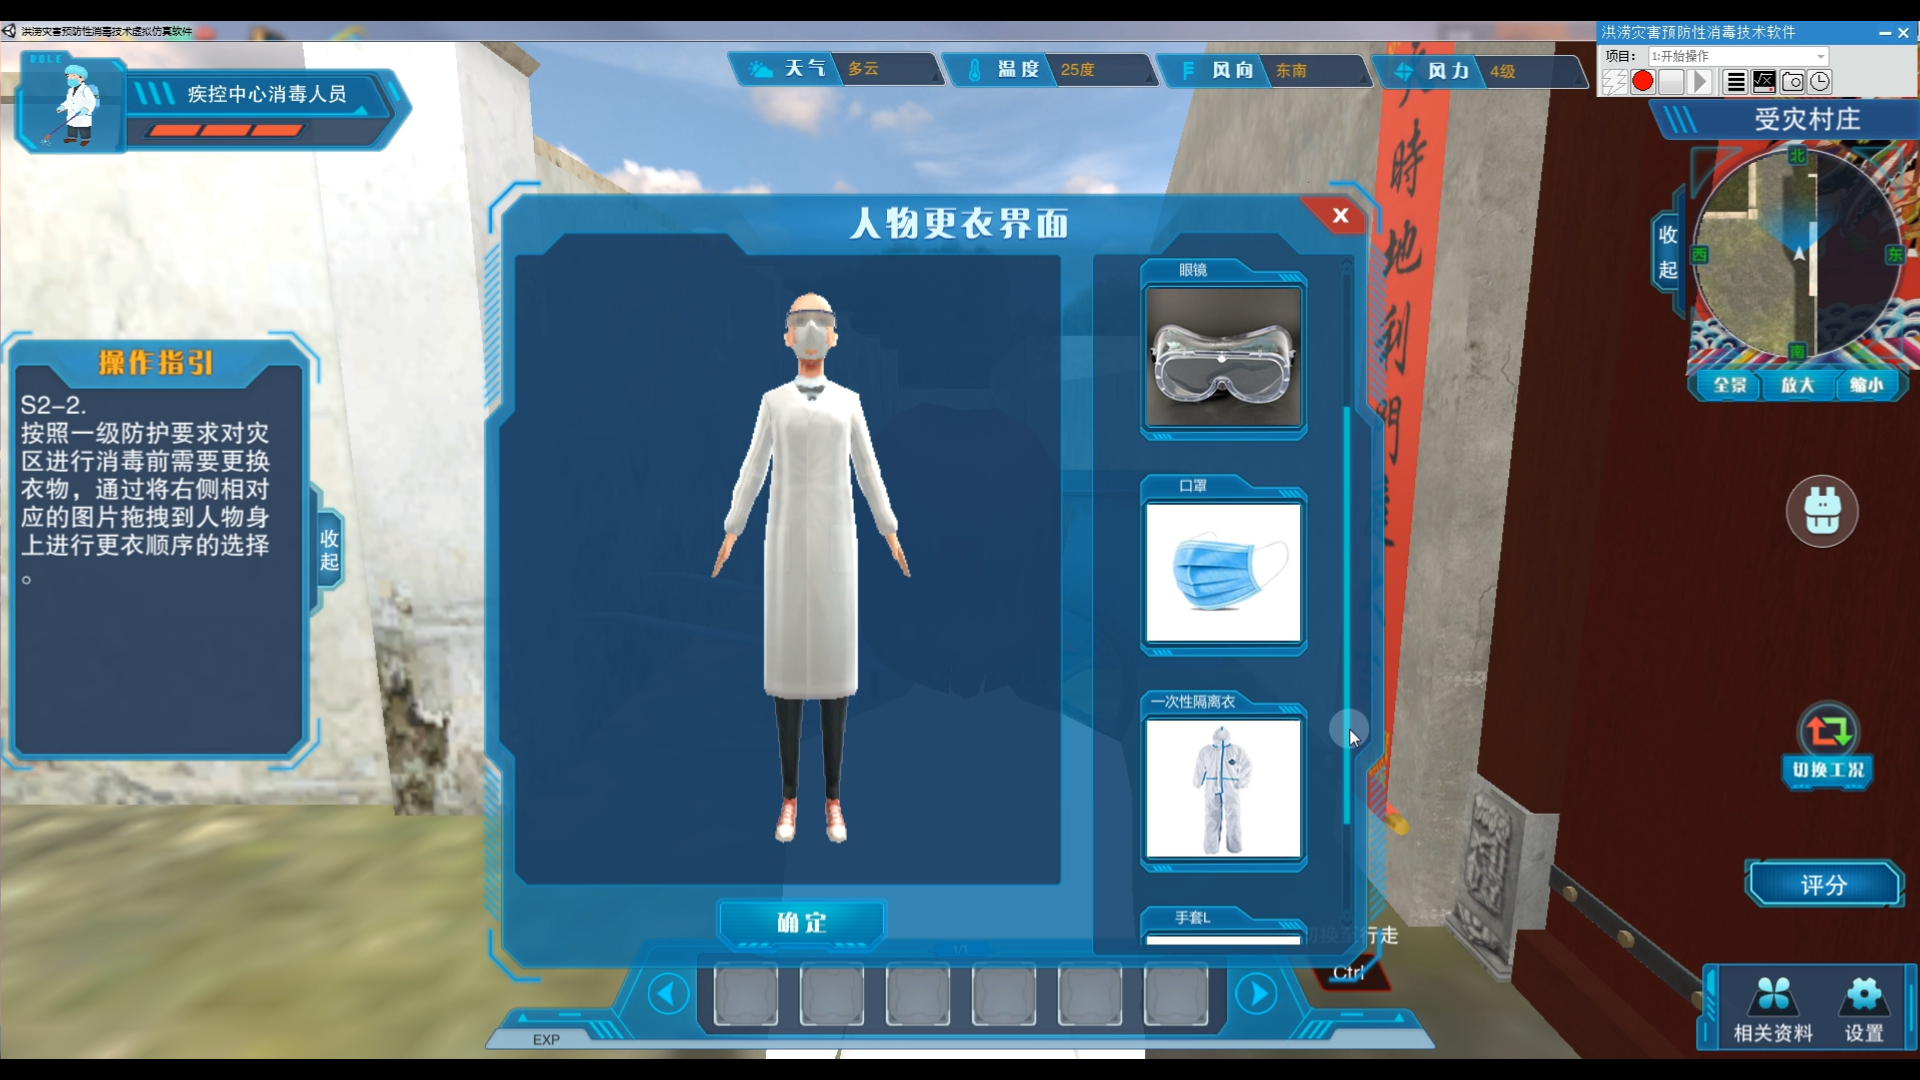 北京欧倍尔洪涝灾害预防性消毒技术虚拟仿真软件